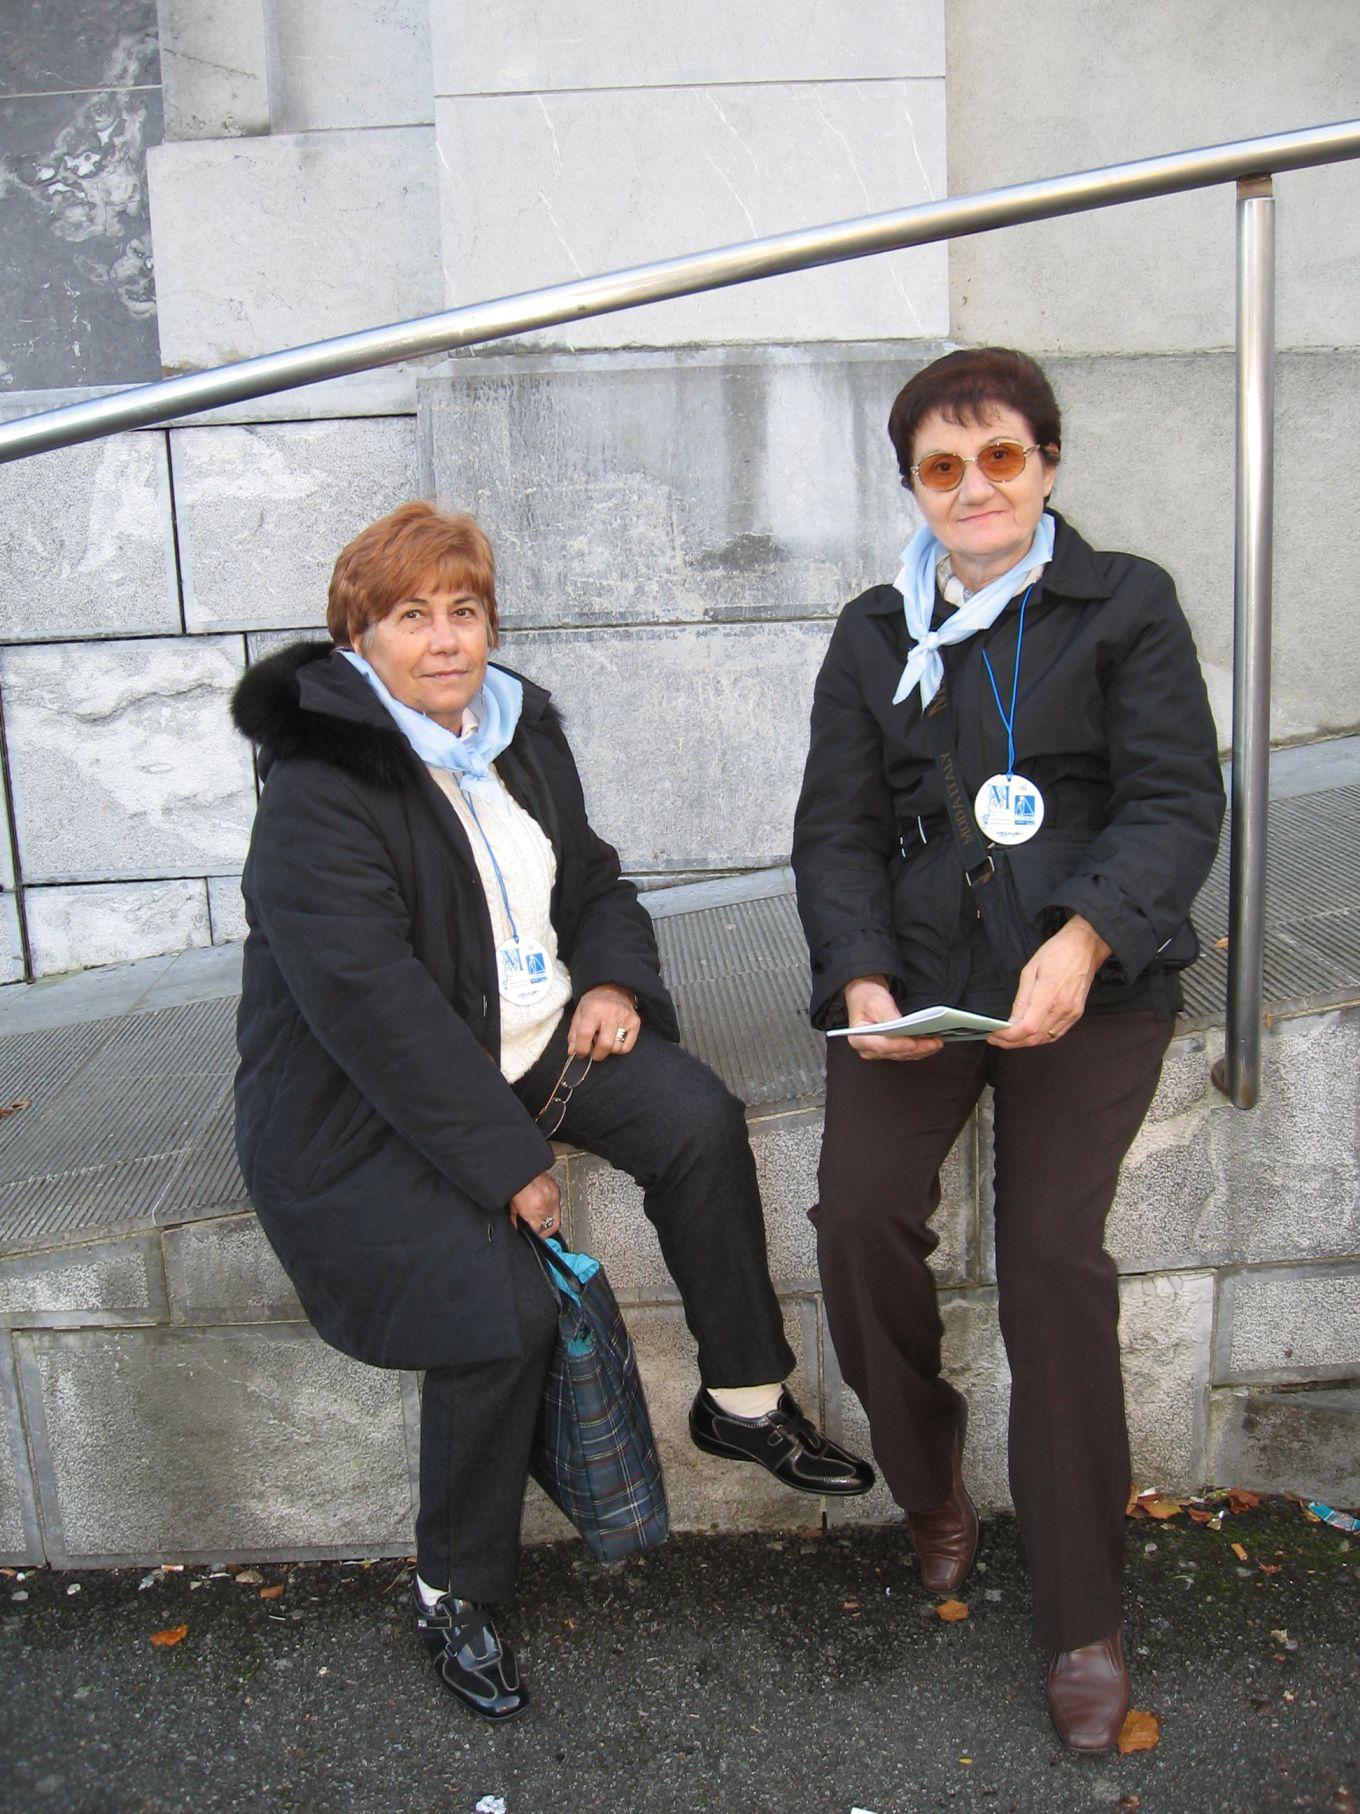 Lourdes-2008-10-25--17.38.40.jpg